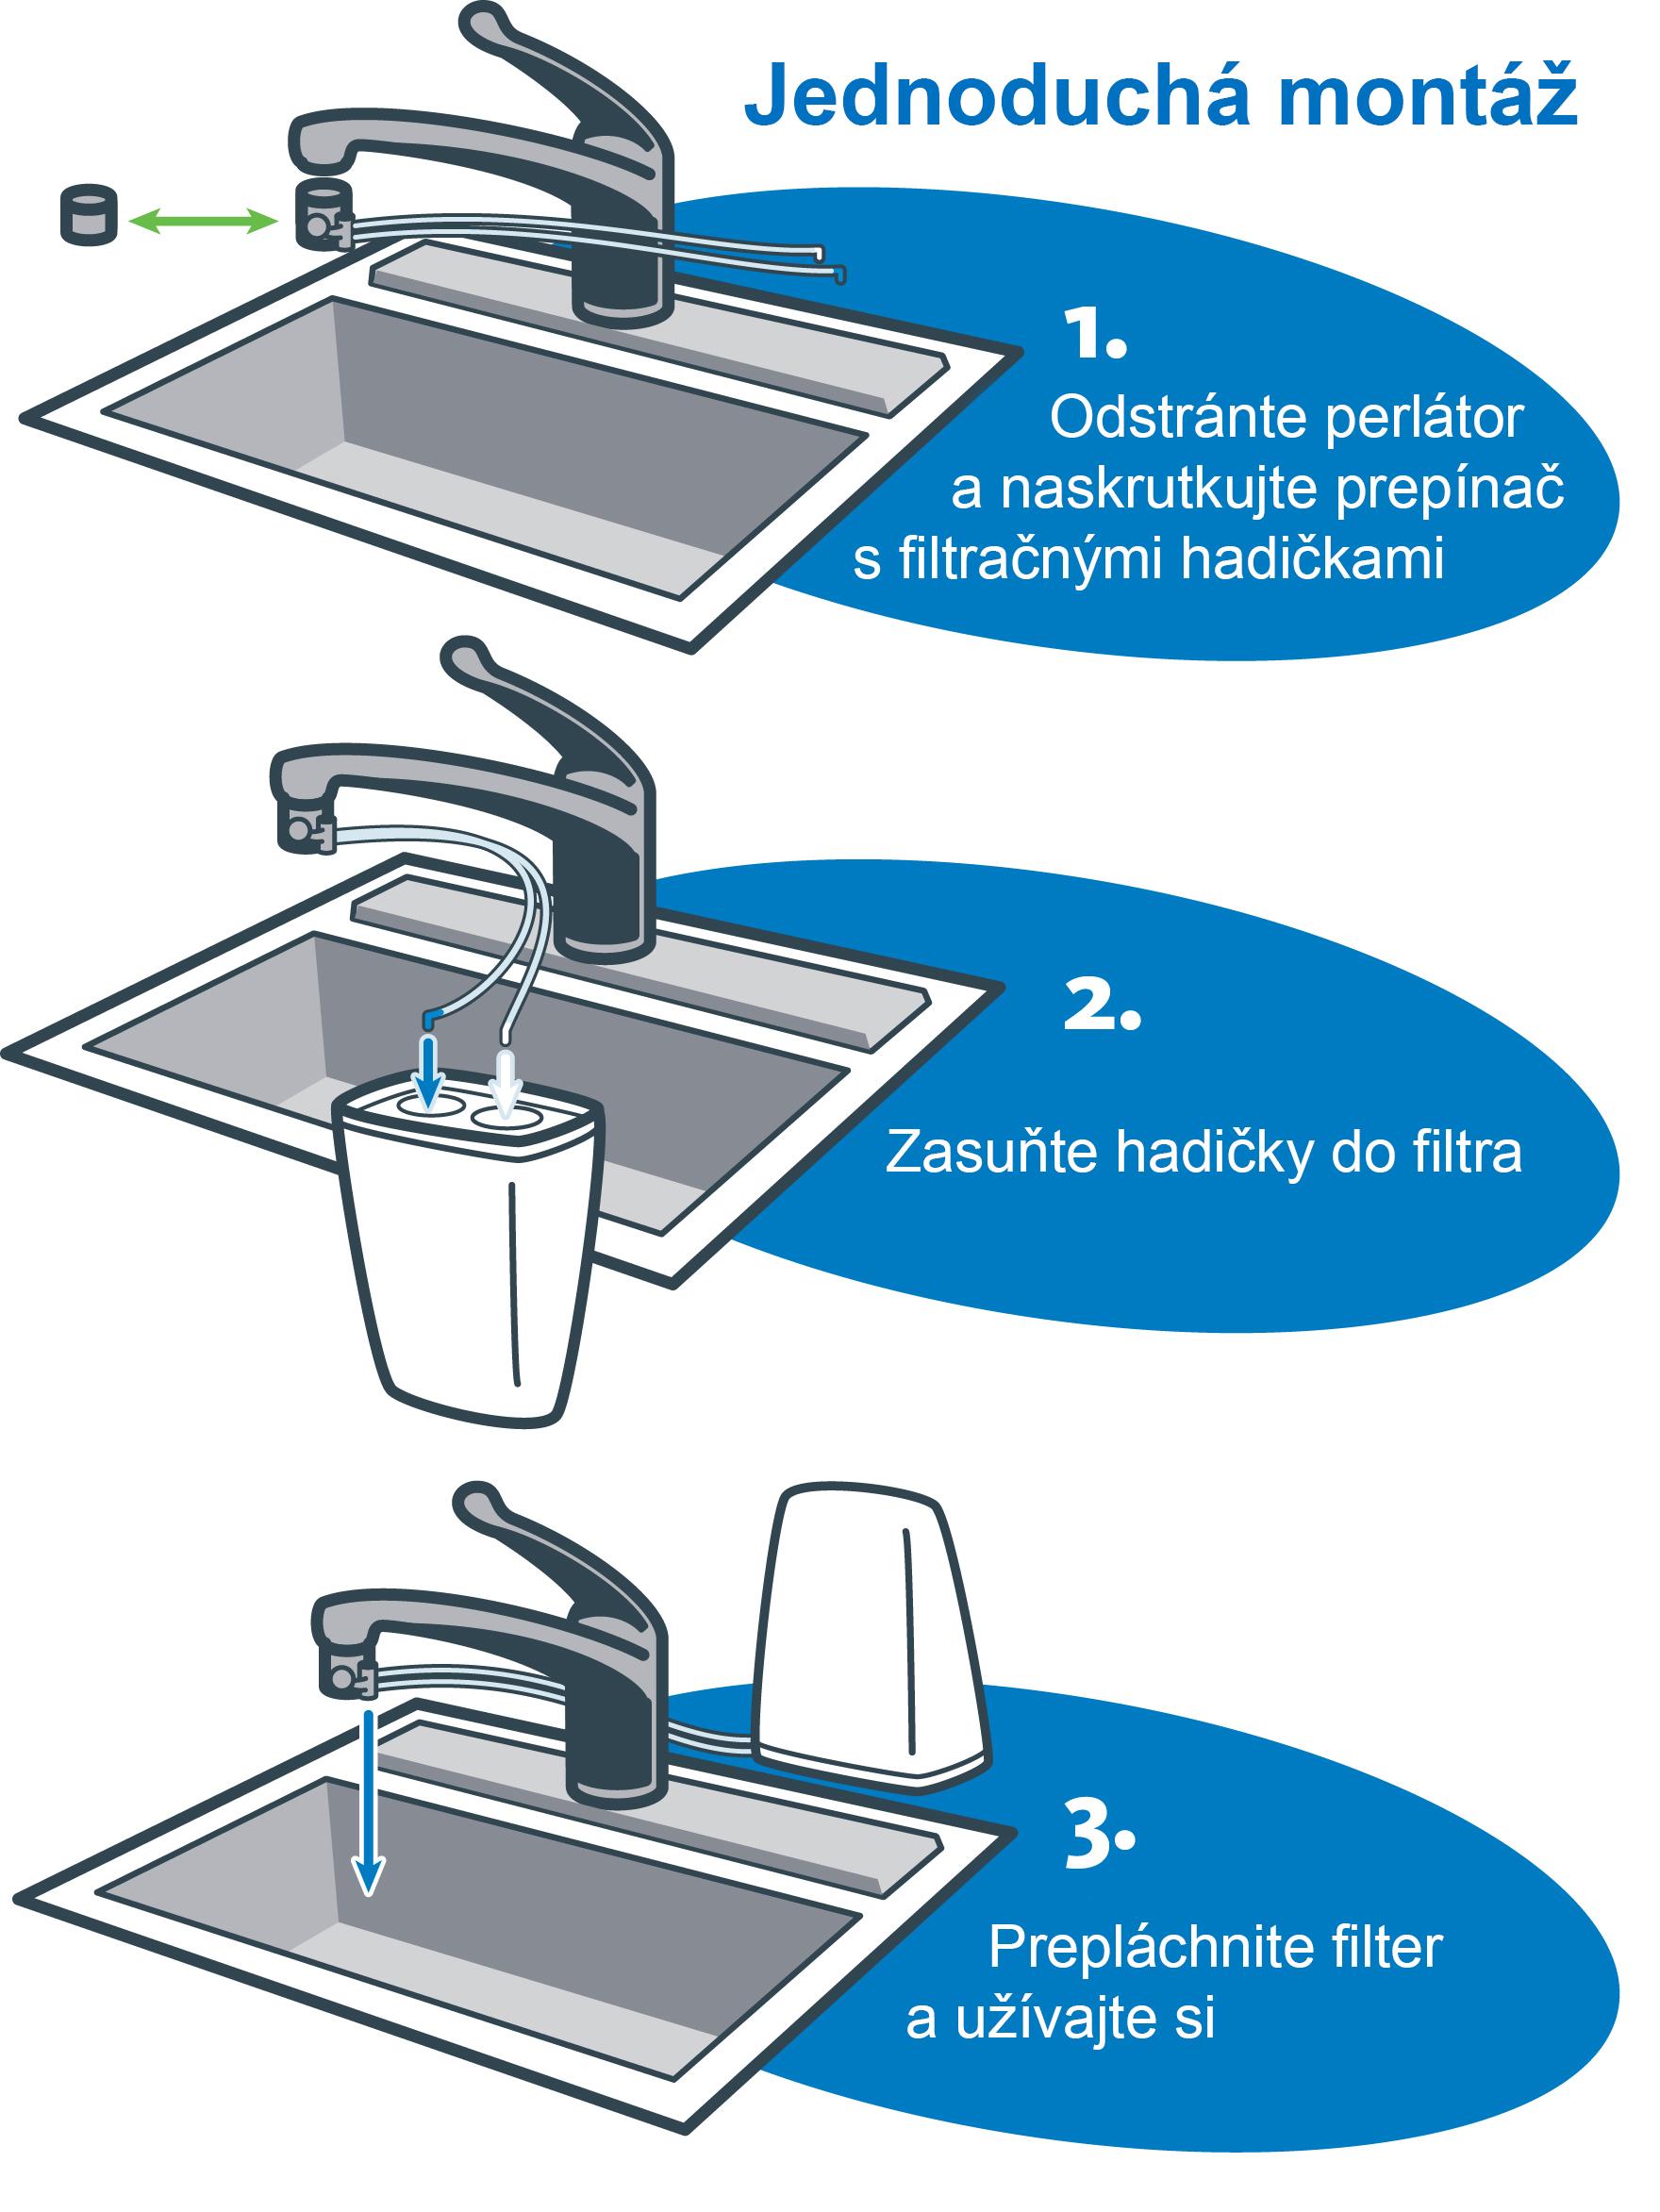 Jednoduchá inštalácia filtra na vodu Aquasana AQ 4000